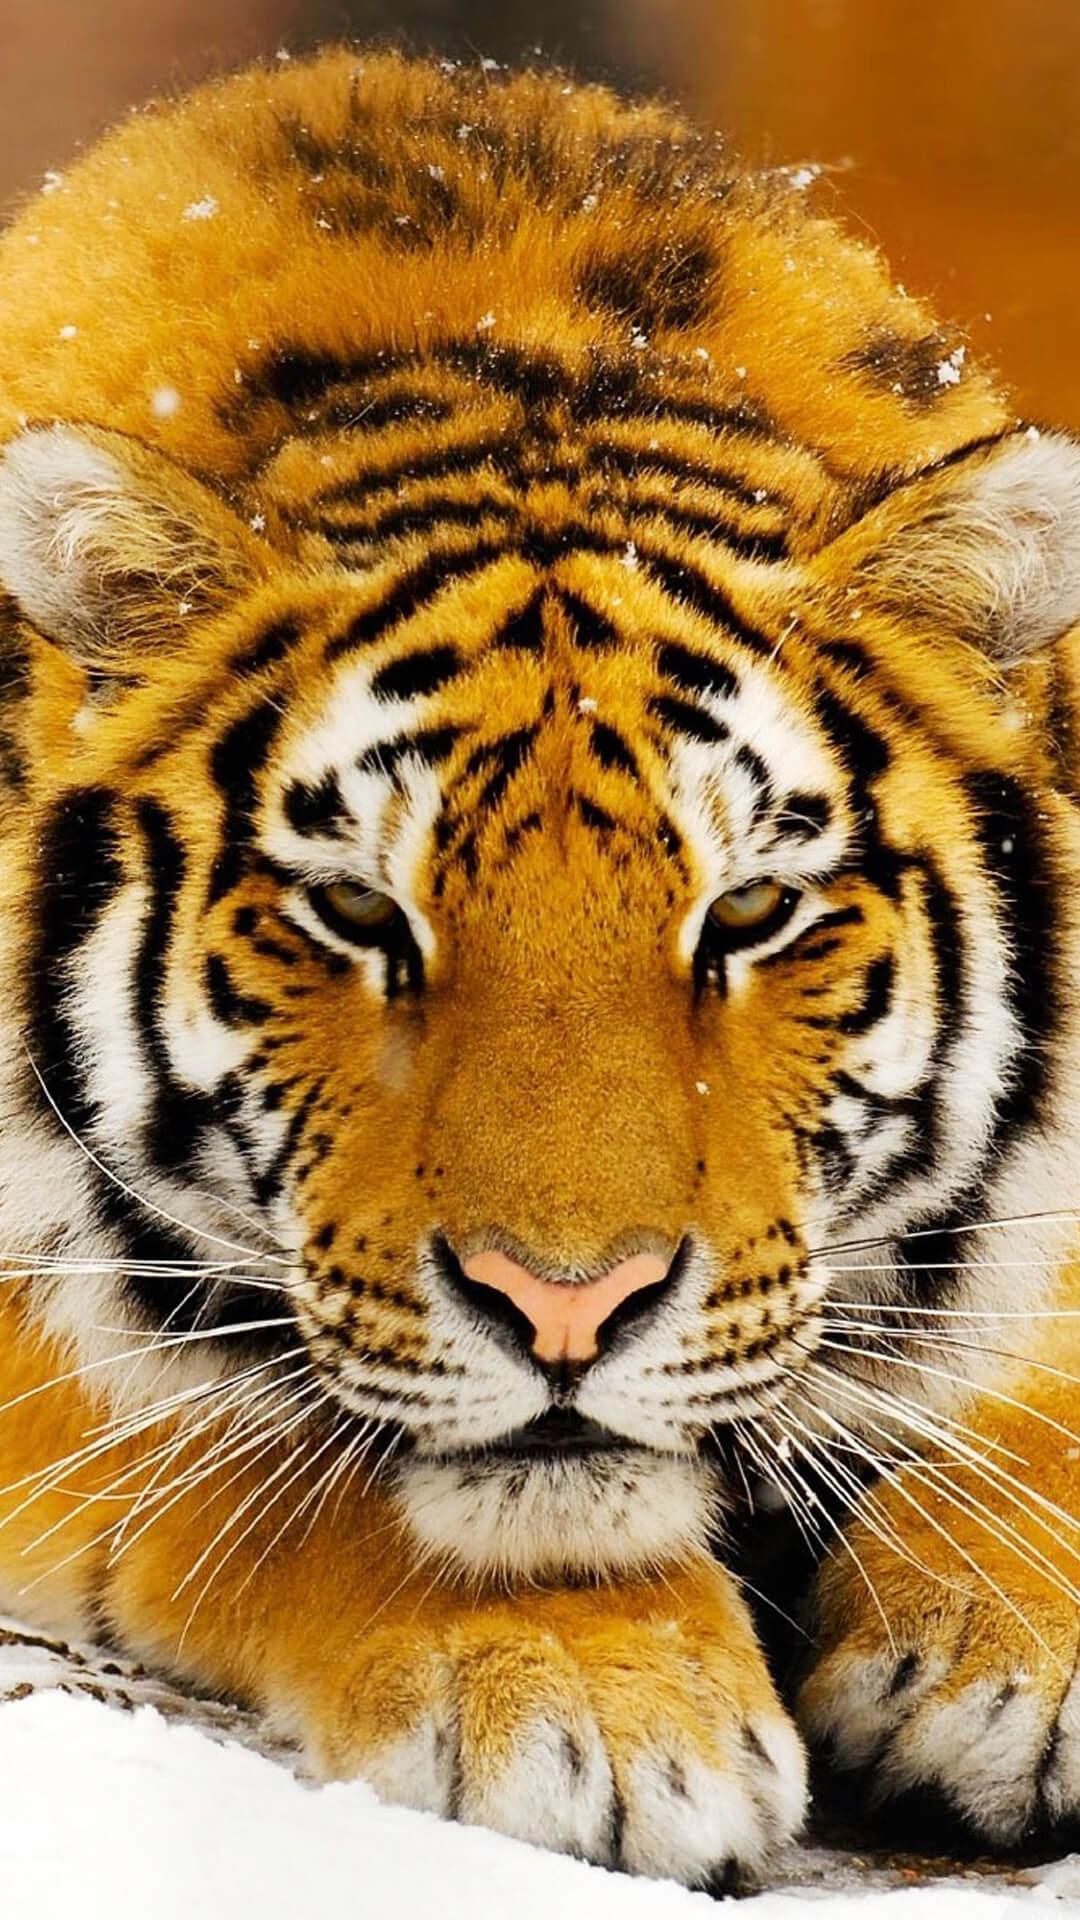 Красивые и крутые картинки тигра на заставку телефона - подборка 14